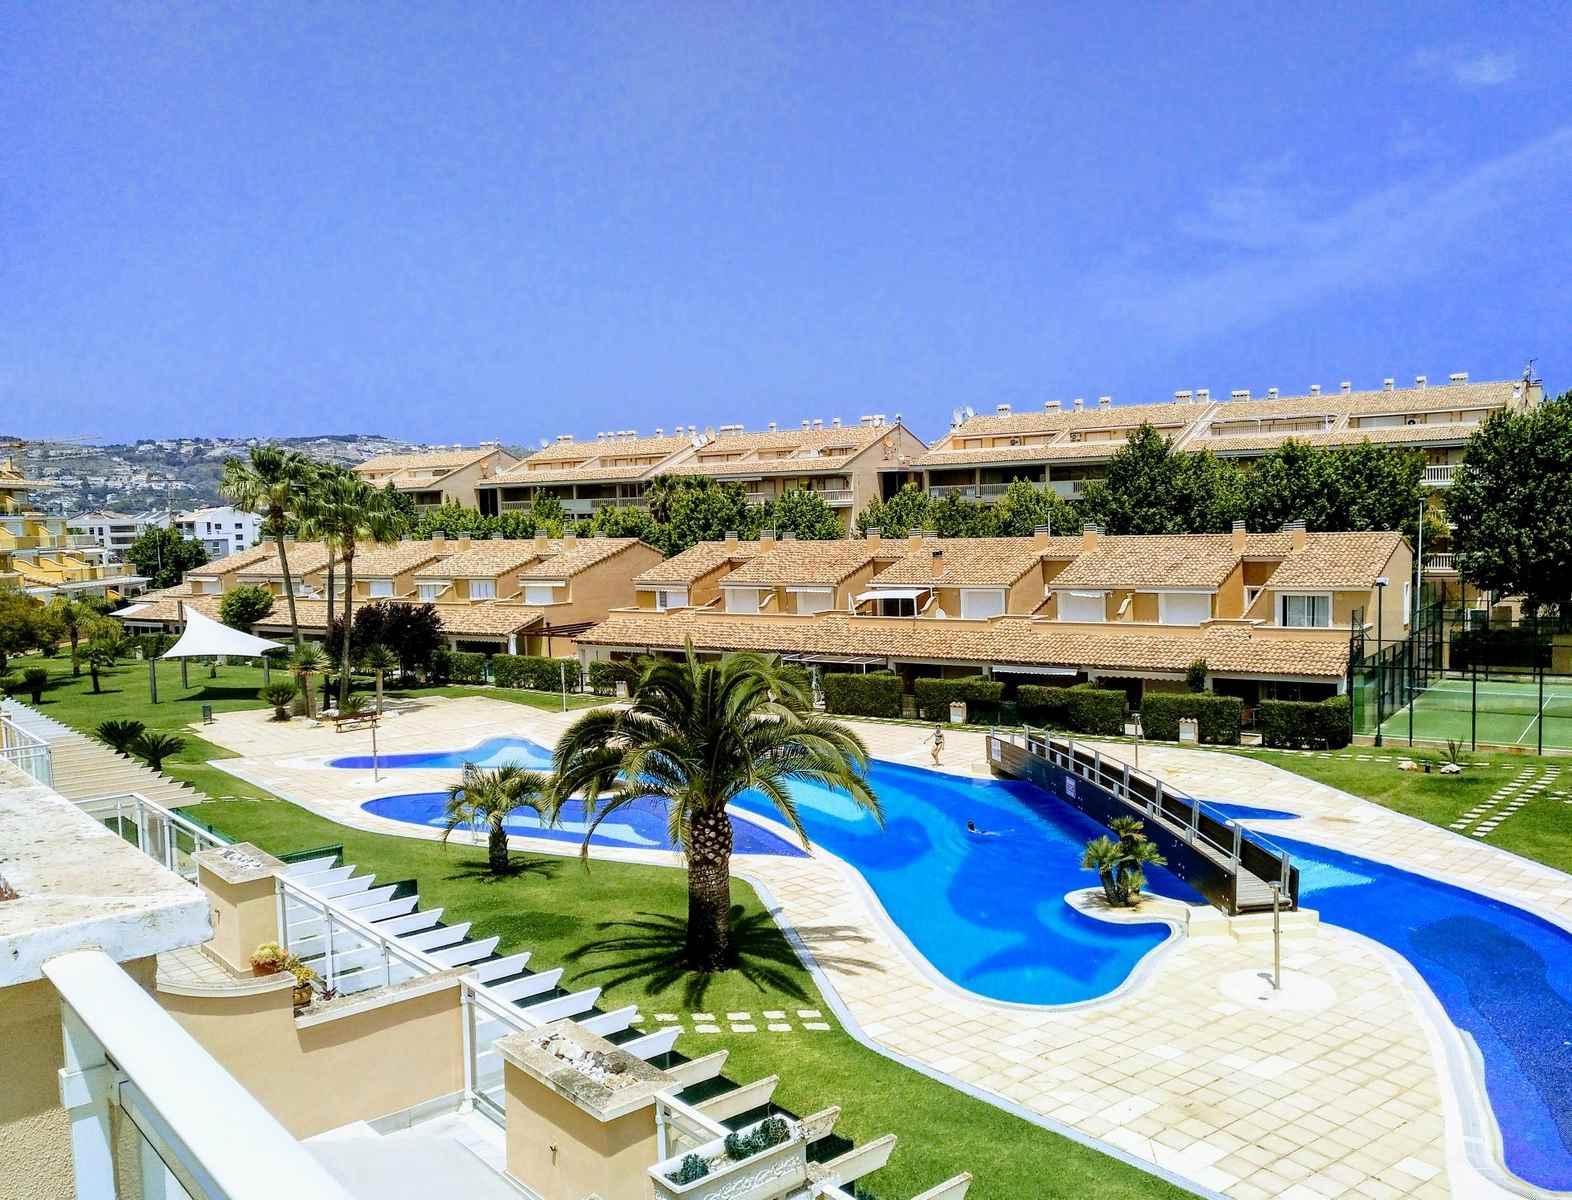 Alquiler vacaciones en Platja de L'arenal, Alicante